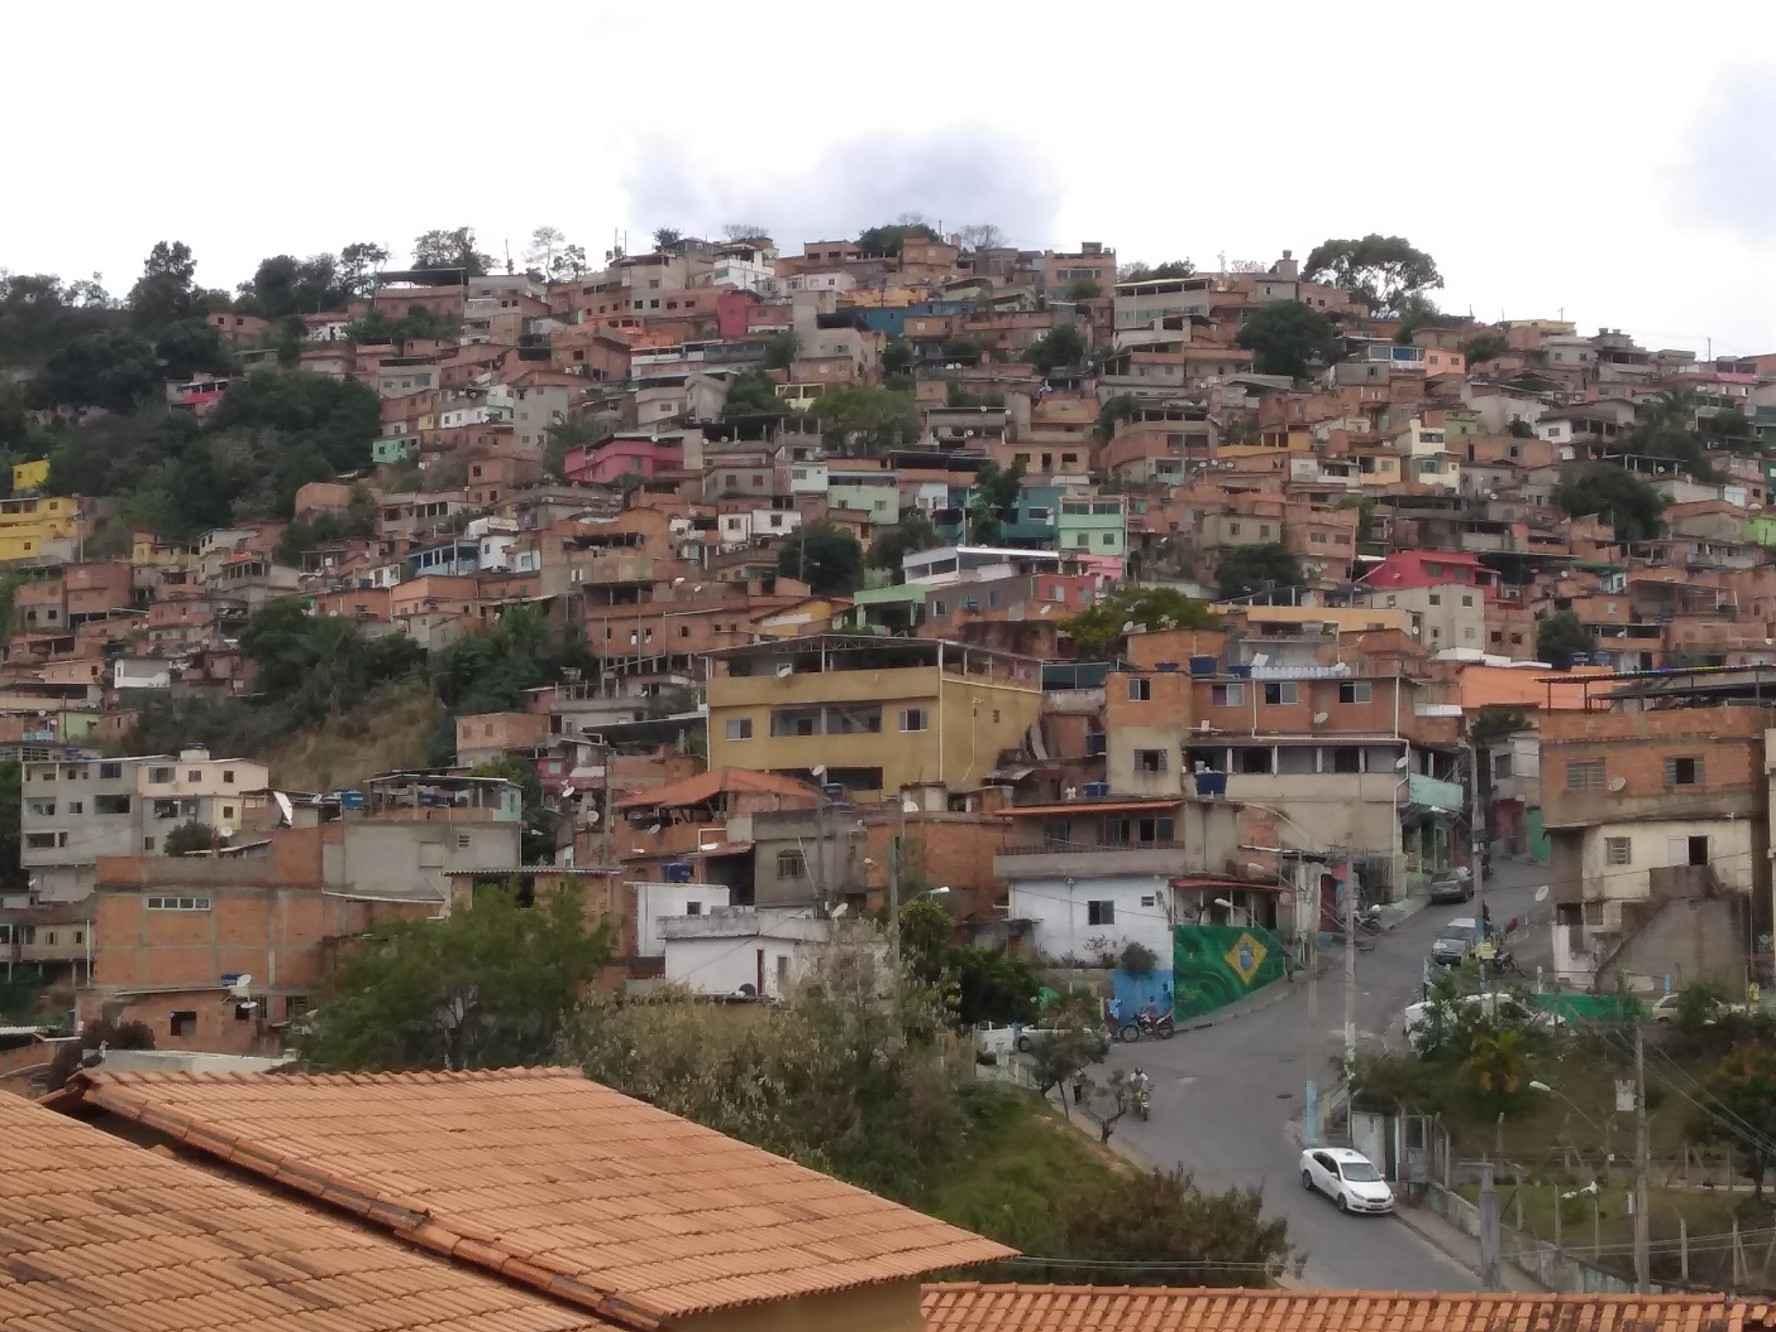 Vista do Aglomerado da Serra, na região centro-sul de Belo Horizonte